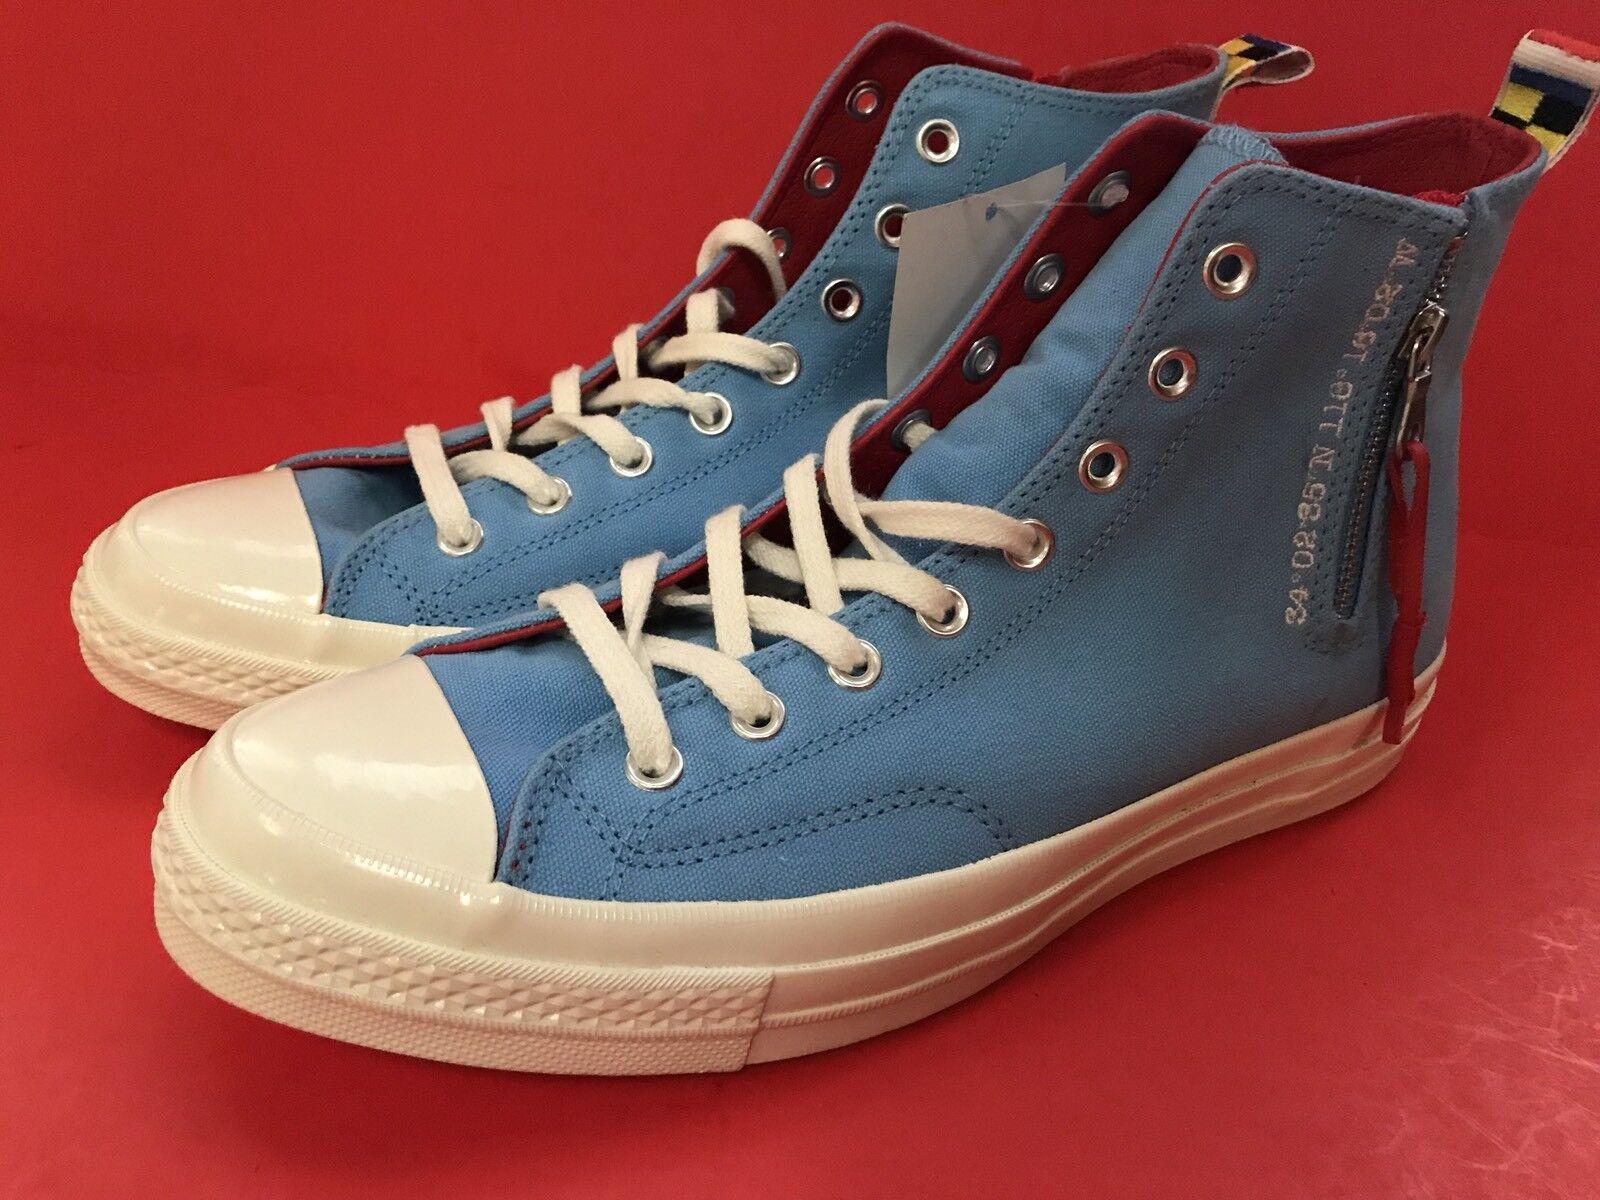 Converse Chuck 70 NBA LA Clippers Canvas 181157C Size 11 M M 11 Or 13 W 5a9944